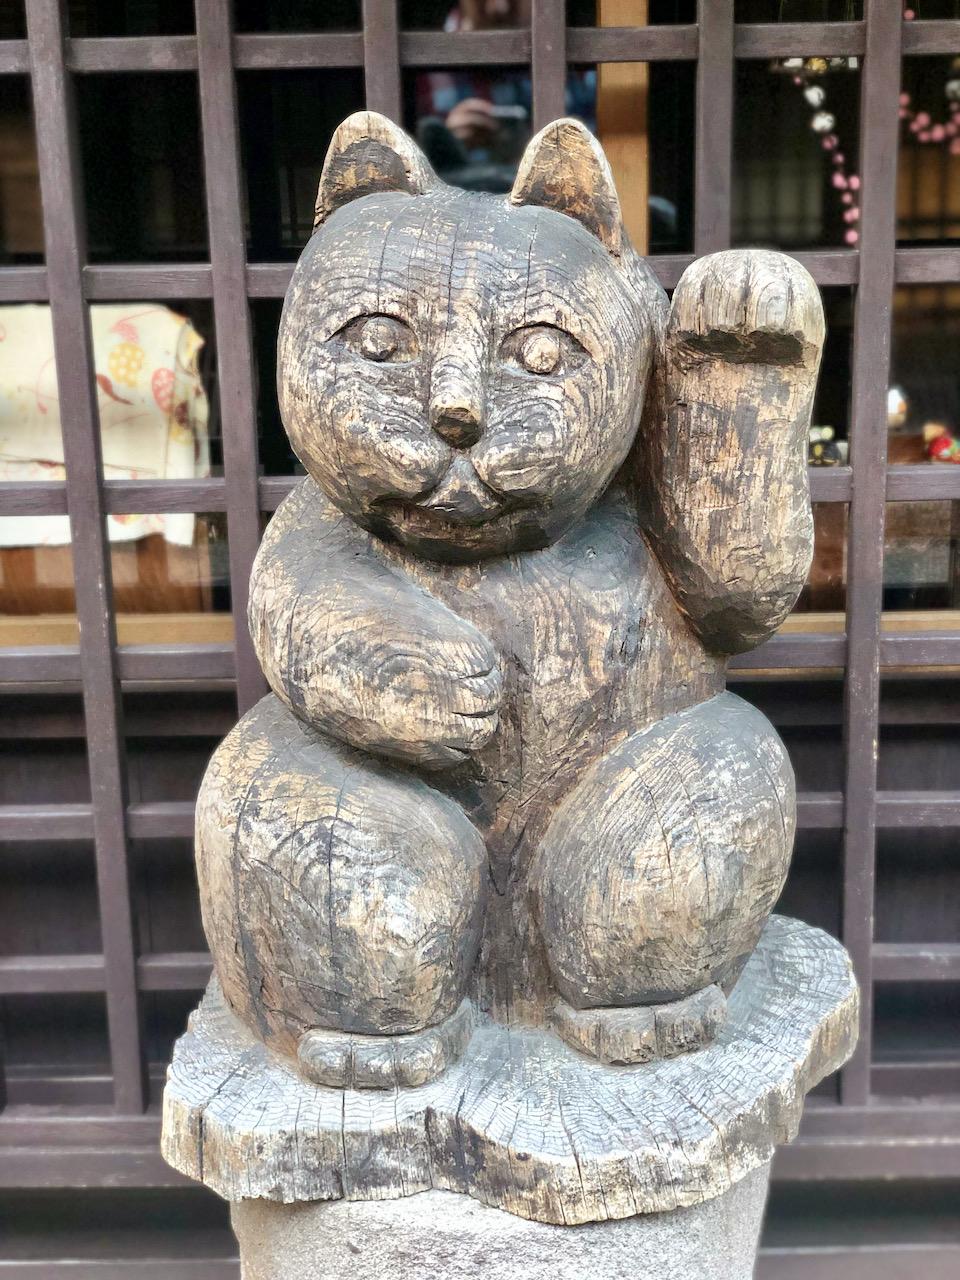 Winke-Katze in Takayama, Takayama-Shi, Gifu, Japan (09.09.2019)